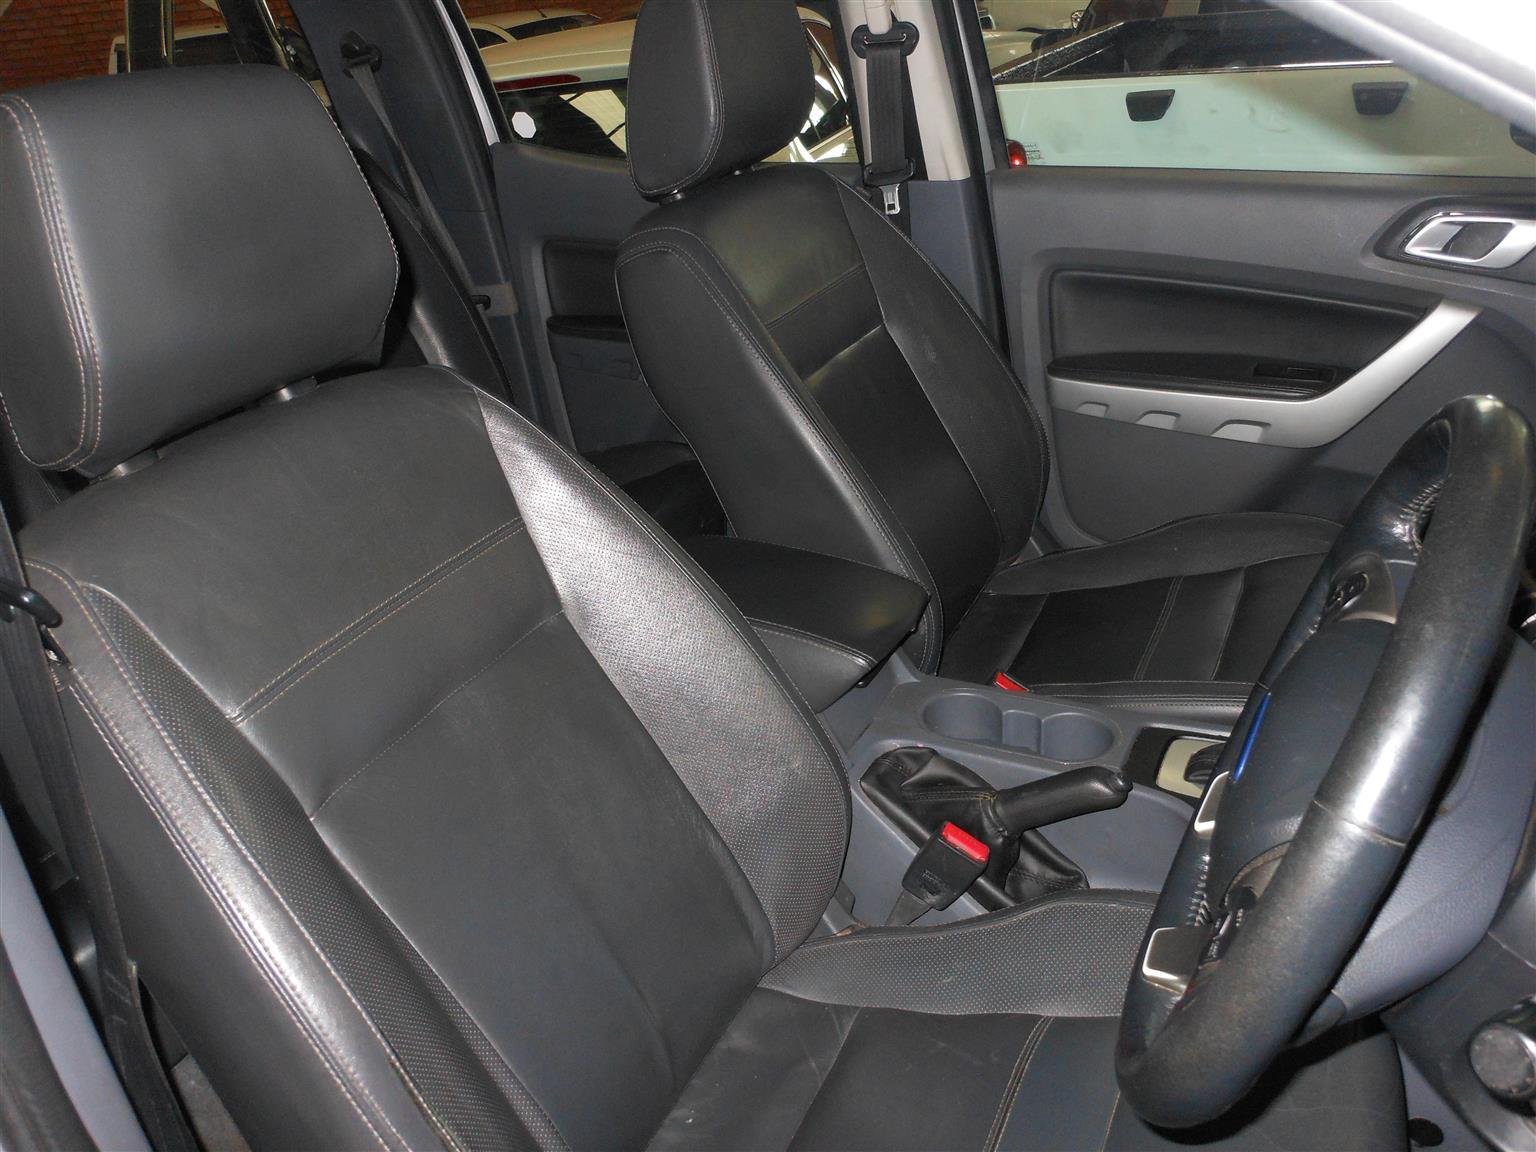 2015 Ford Ranger double cab RANGER 3.2TDCi XLT A/T P/U D/C